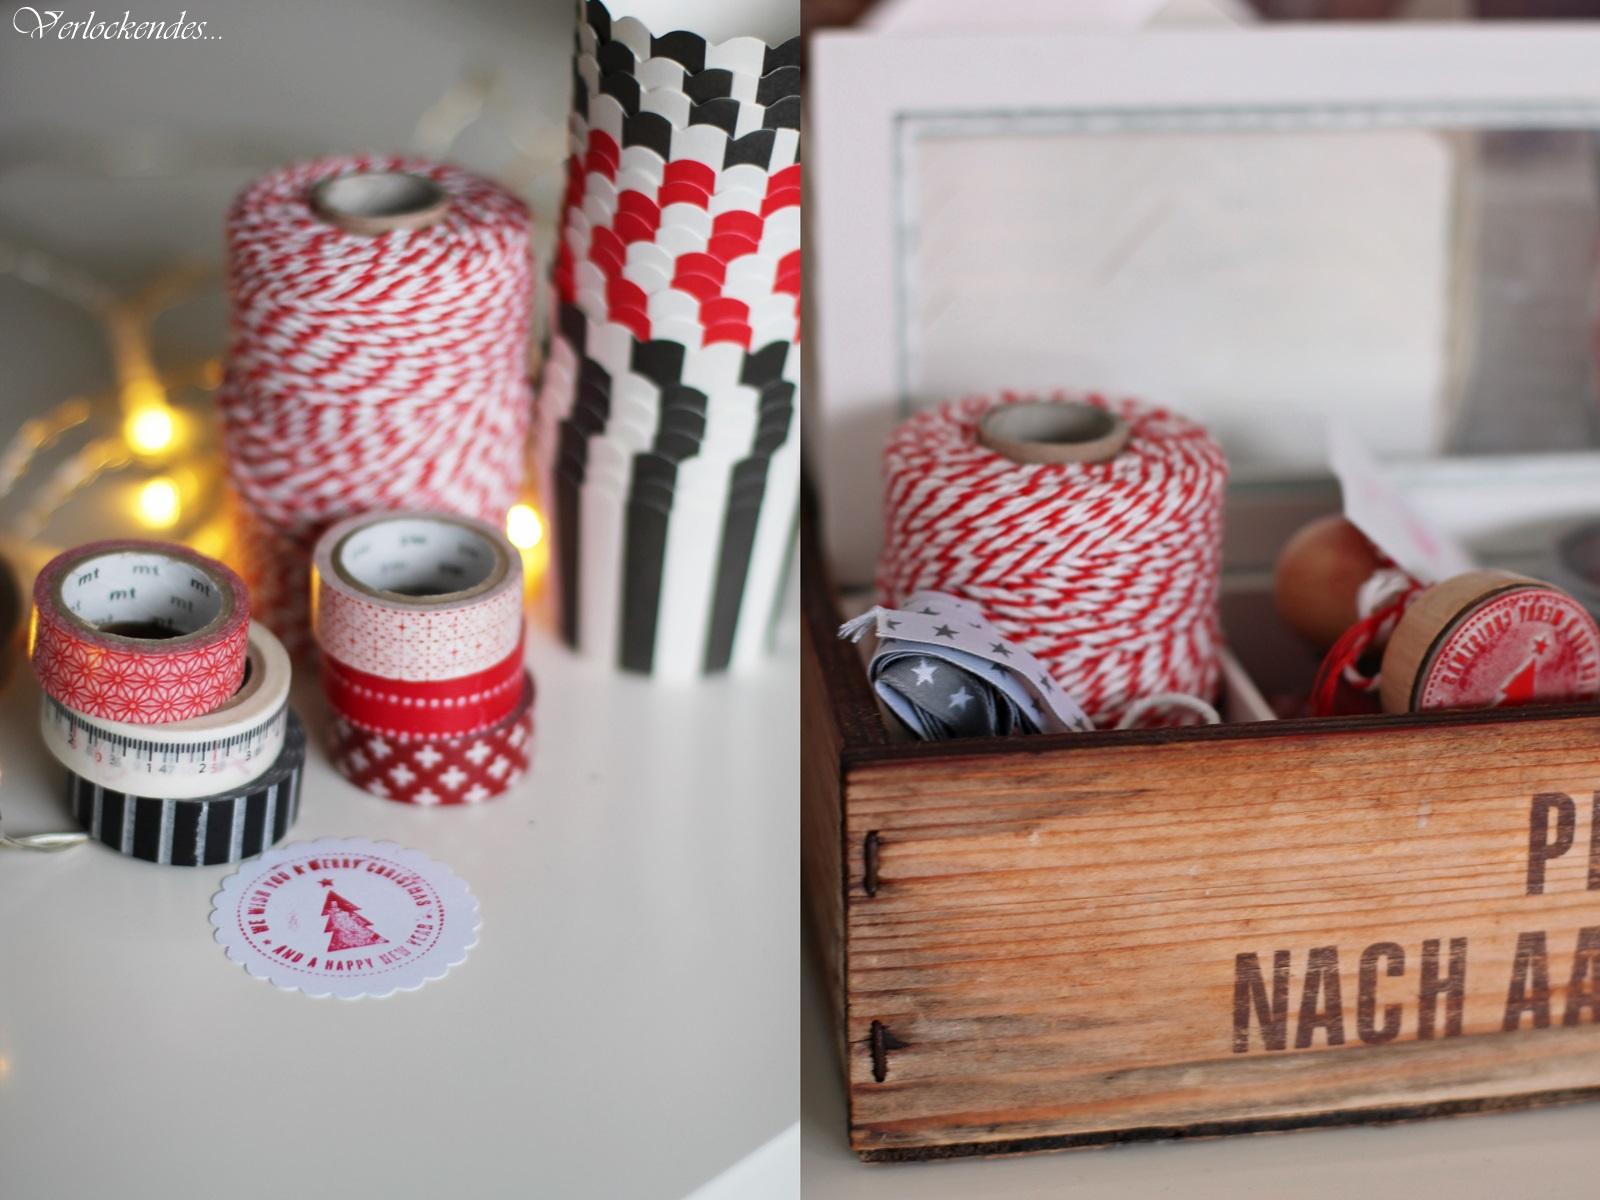 Einzigartig Personalisierte Servietten Für Die Hochzeit newscool